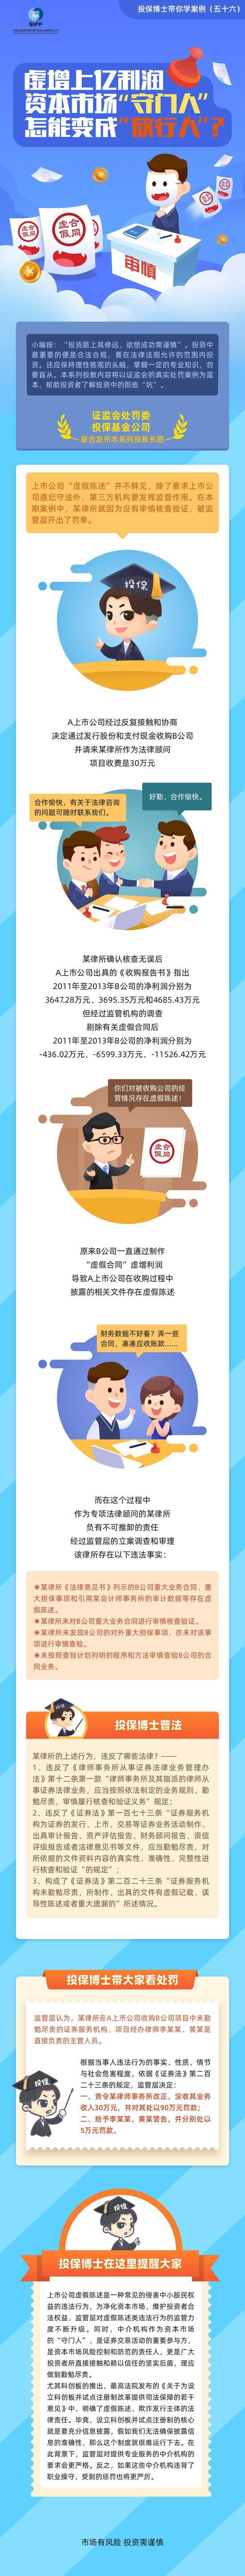 """投保课堂56:虚增上亿利润 守门人怎能变成""""放行人"""""""